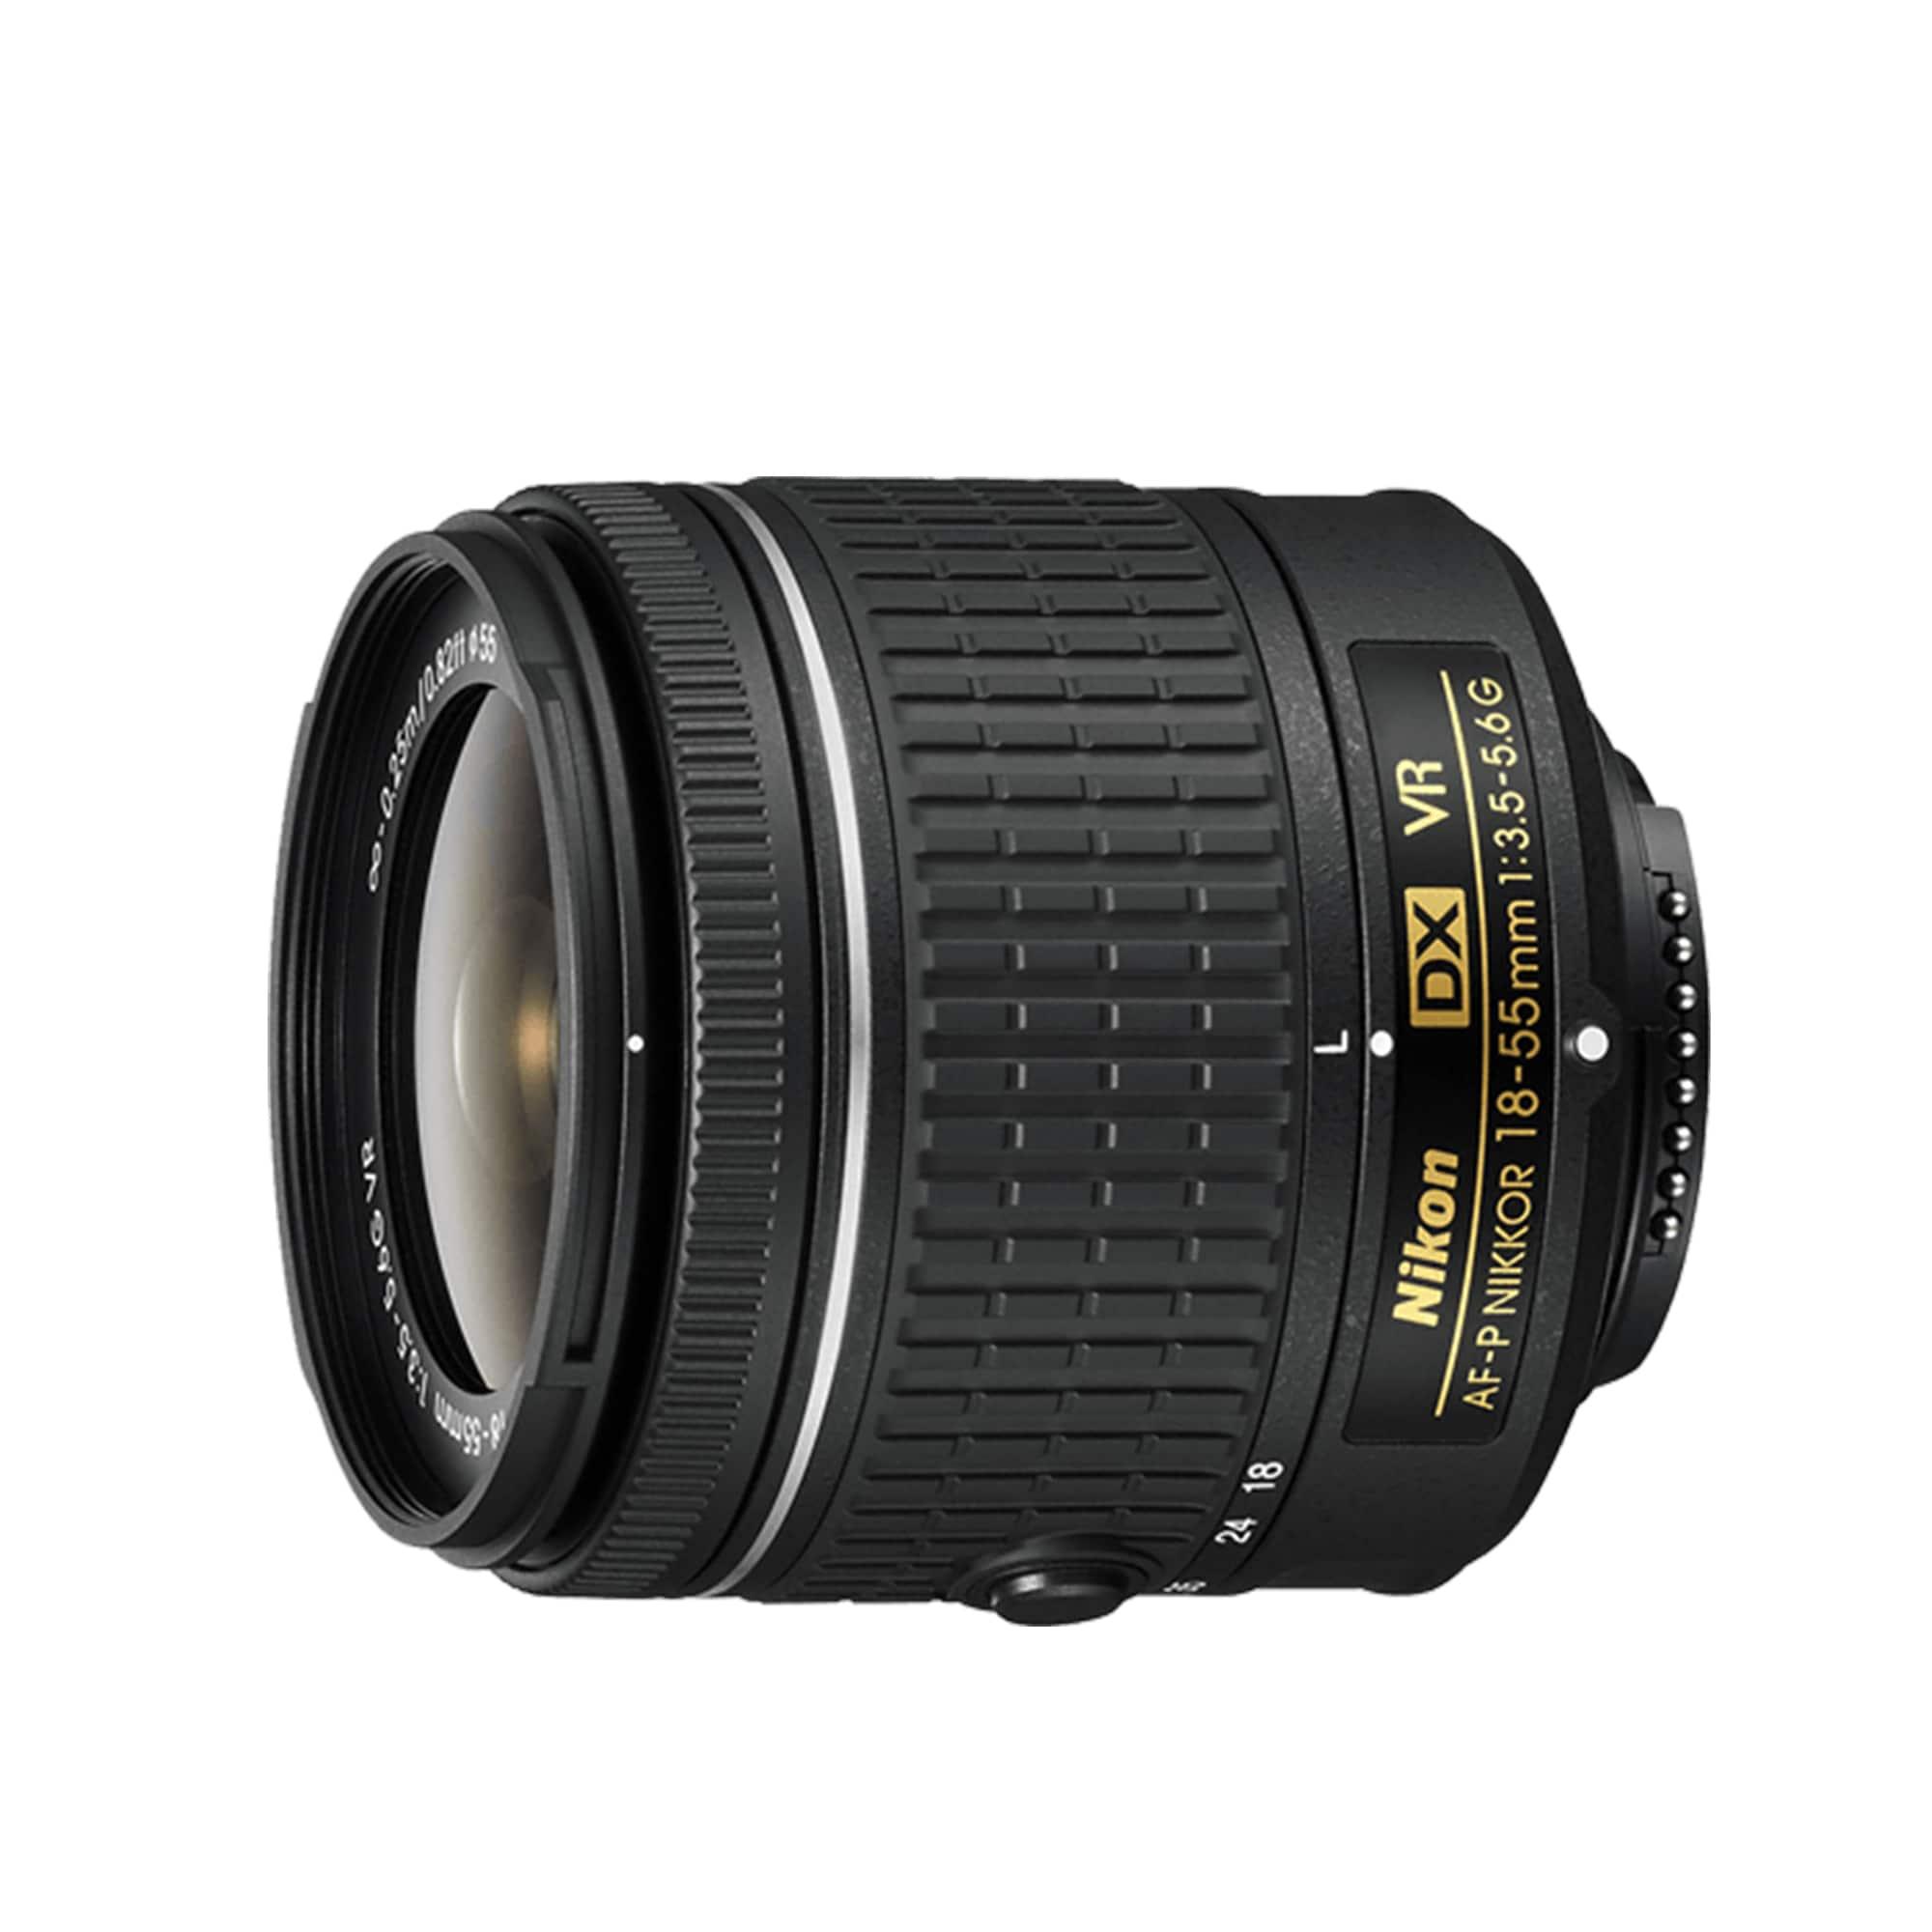 Nikon AF-P DX VR G 18-55mm f/3,5-5,6 - BULK